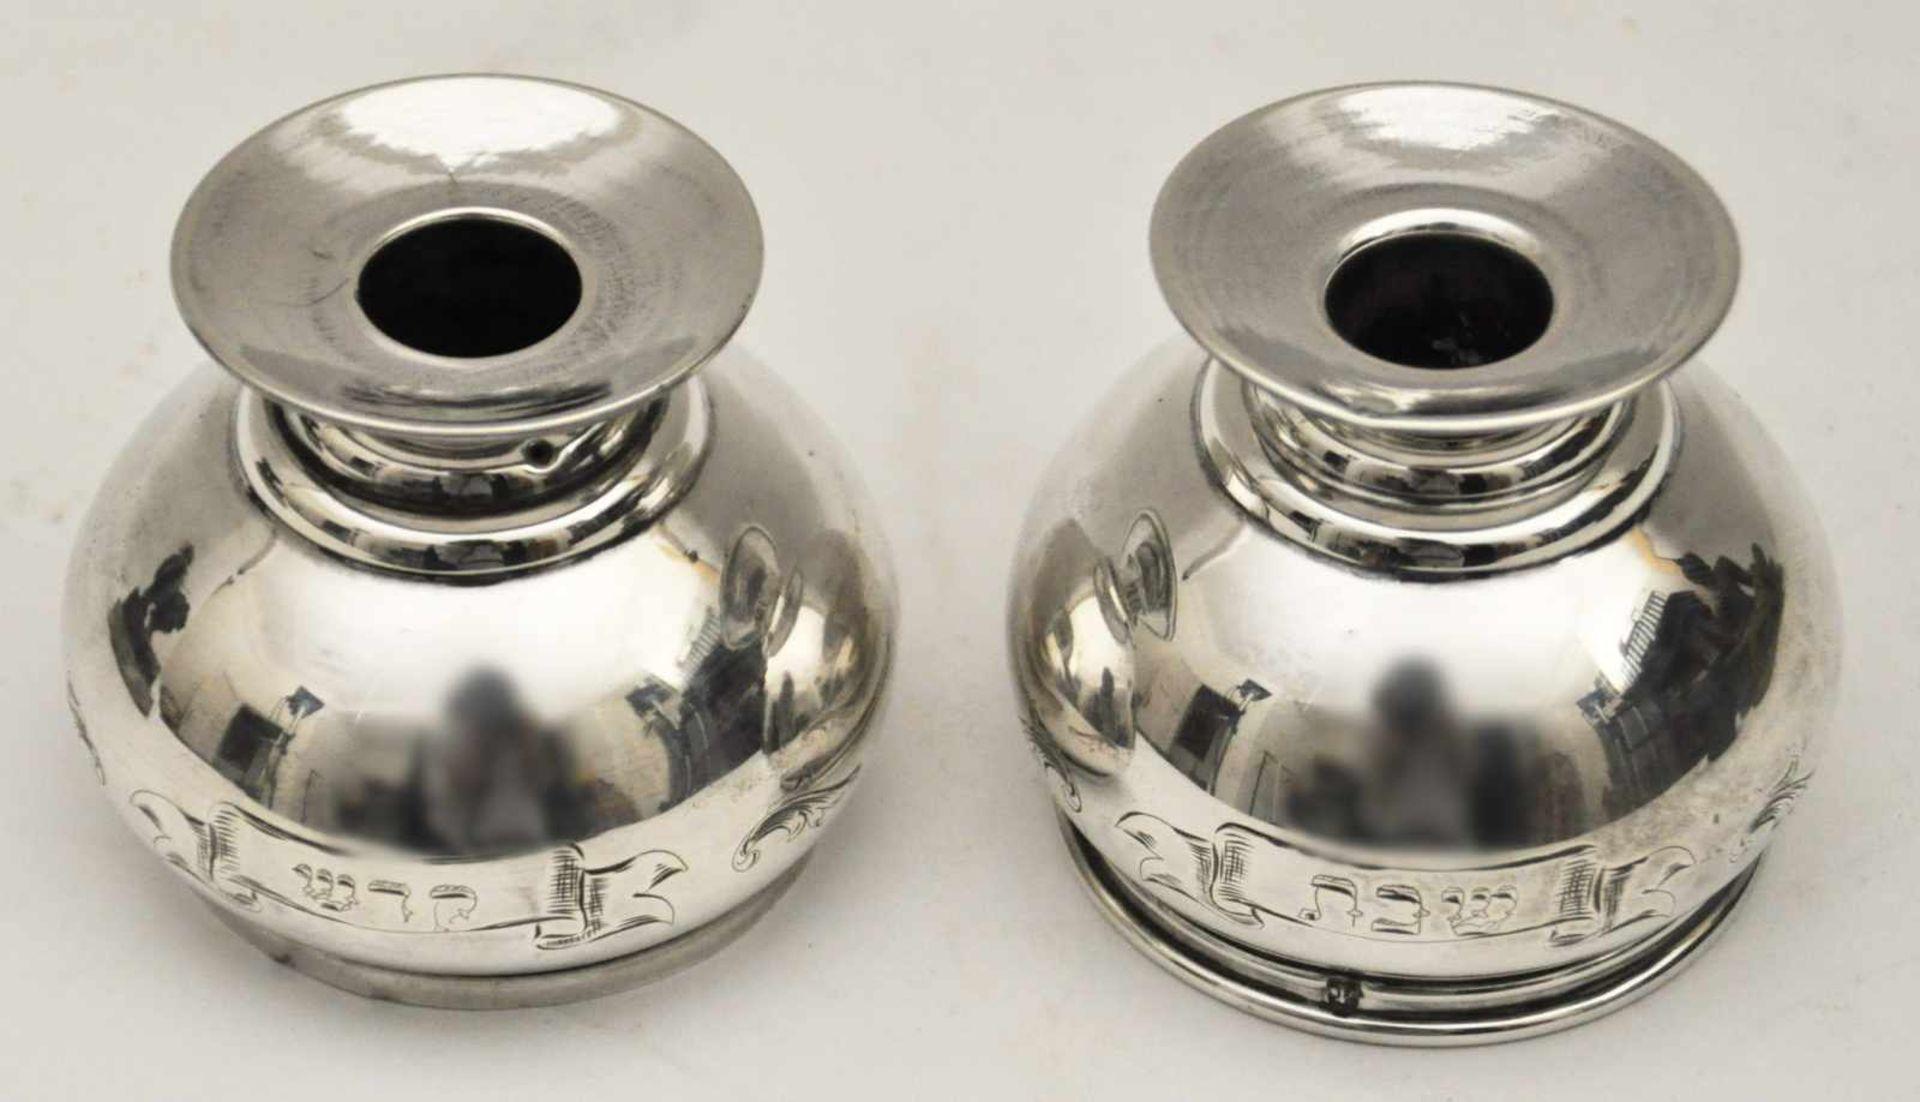 Shabatleuchter 19 Jh.Reiseleuchter, Silber punziert, Gewicht 130 g, graviert 'Sabat-Kodesch'